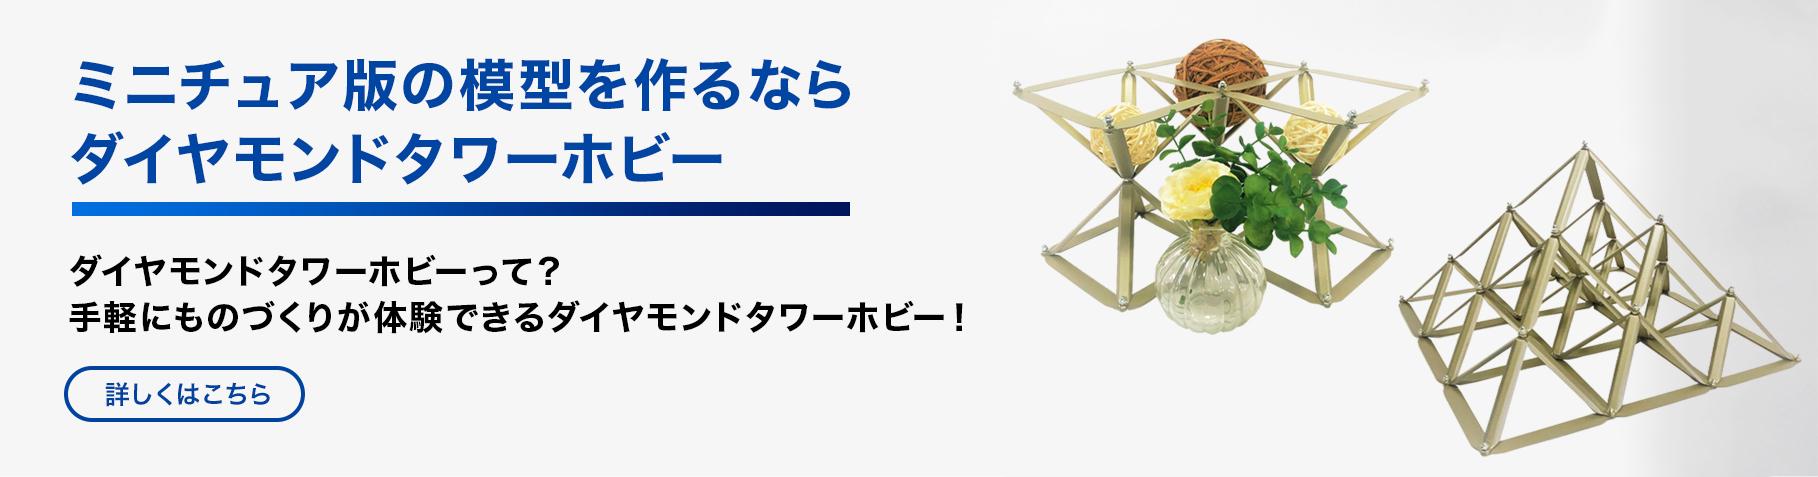 ミニチュア版の模型を作るならダイヤモンドタワーホビー